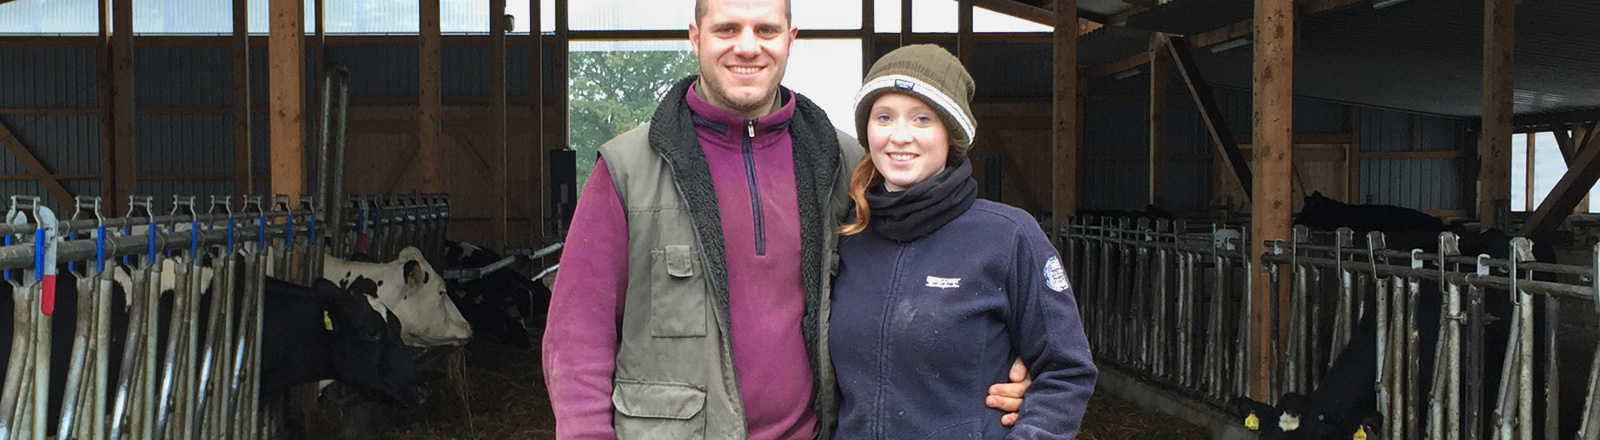 Cathrin und Sven Rosenau-Gewe stehen nebeneinander auf ihrem Hof. Im Hintergrund blickt man in einen großen Stall mit Kühen.